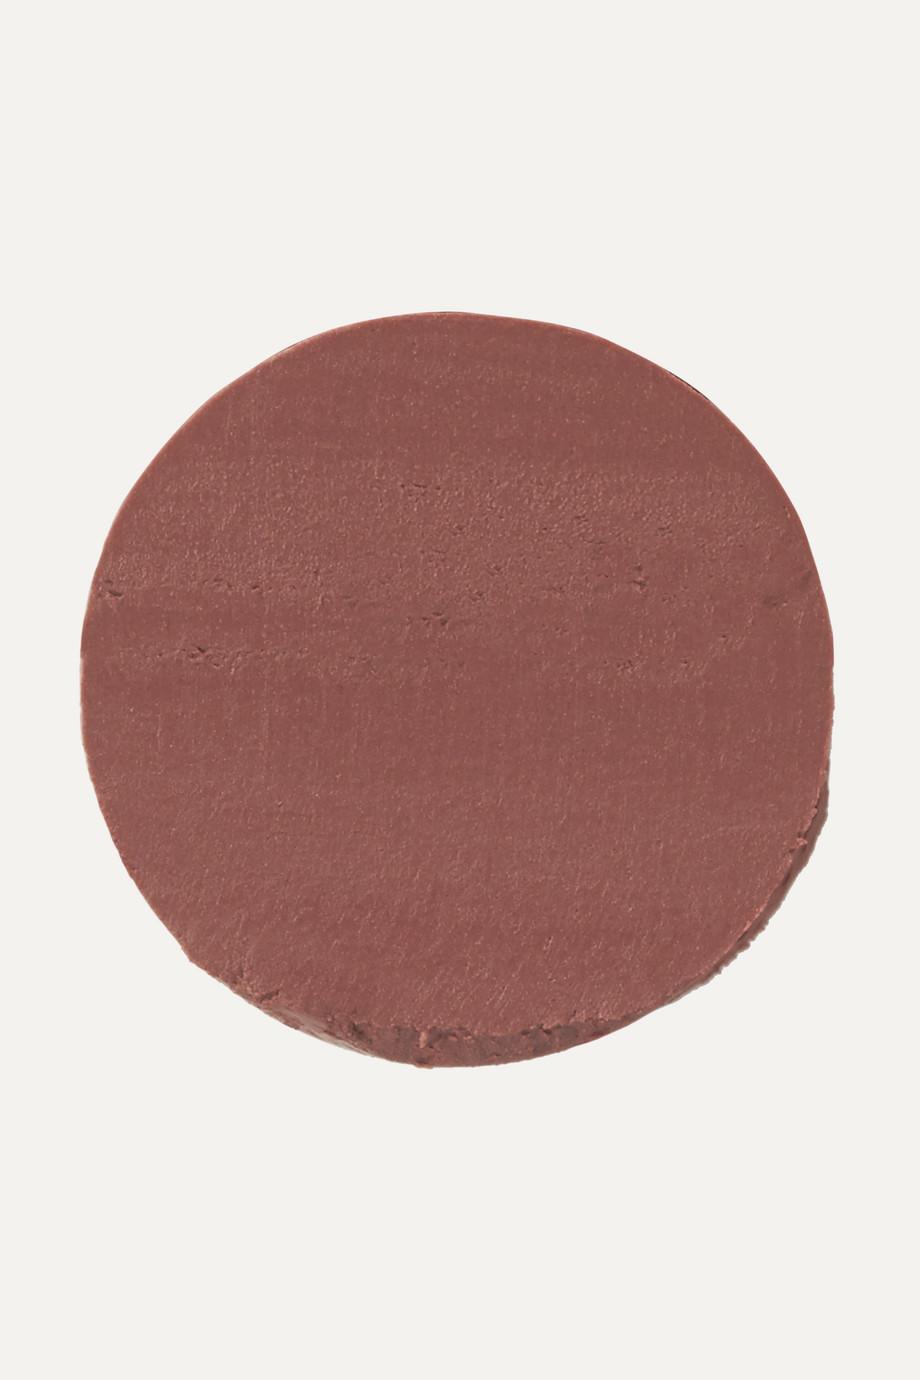 Charlotte Tilbury Matte Revolution Lipstick - Very Victoria